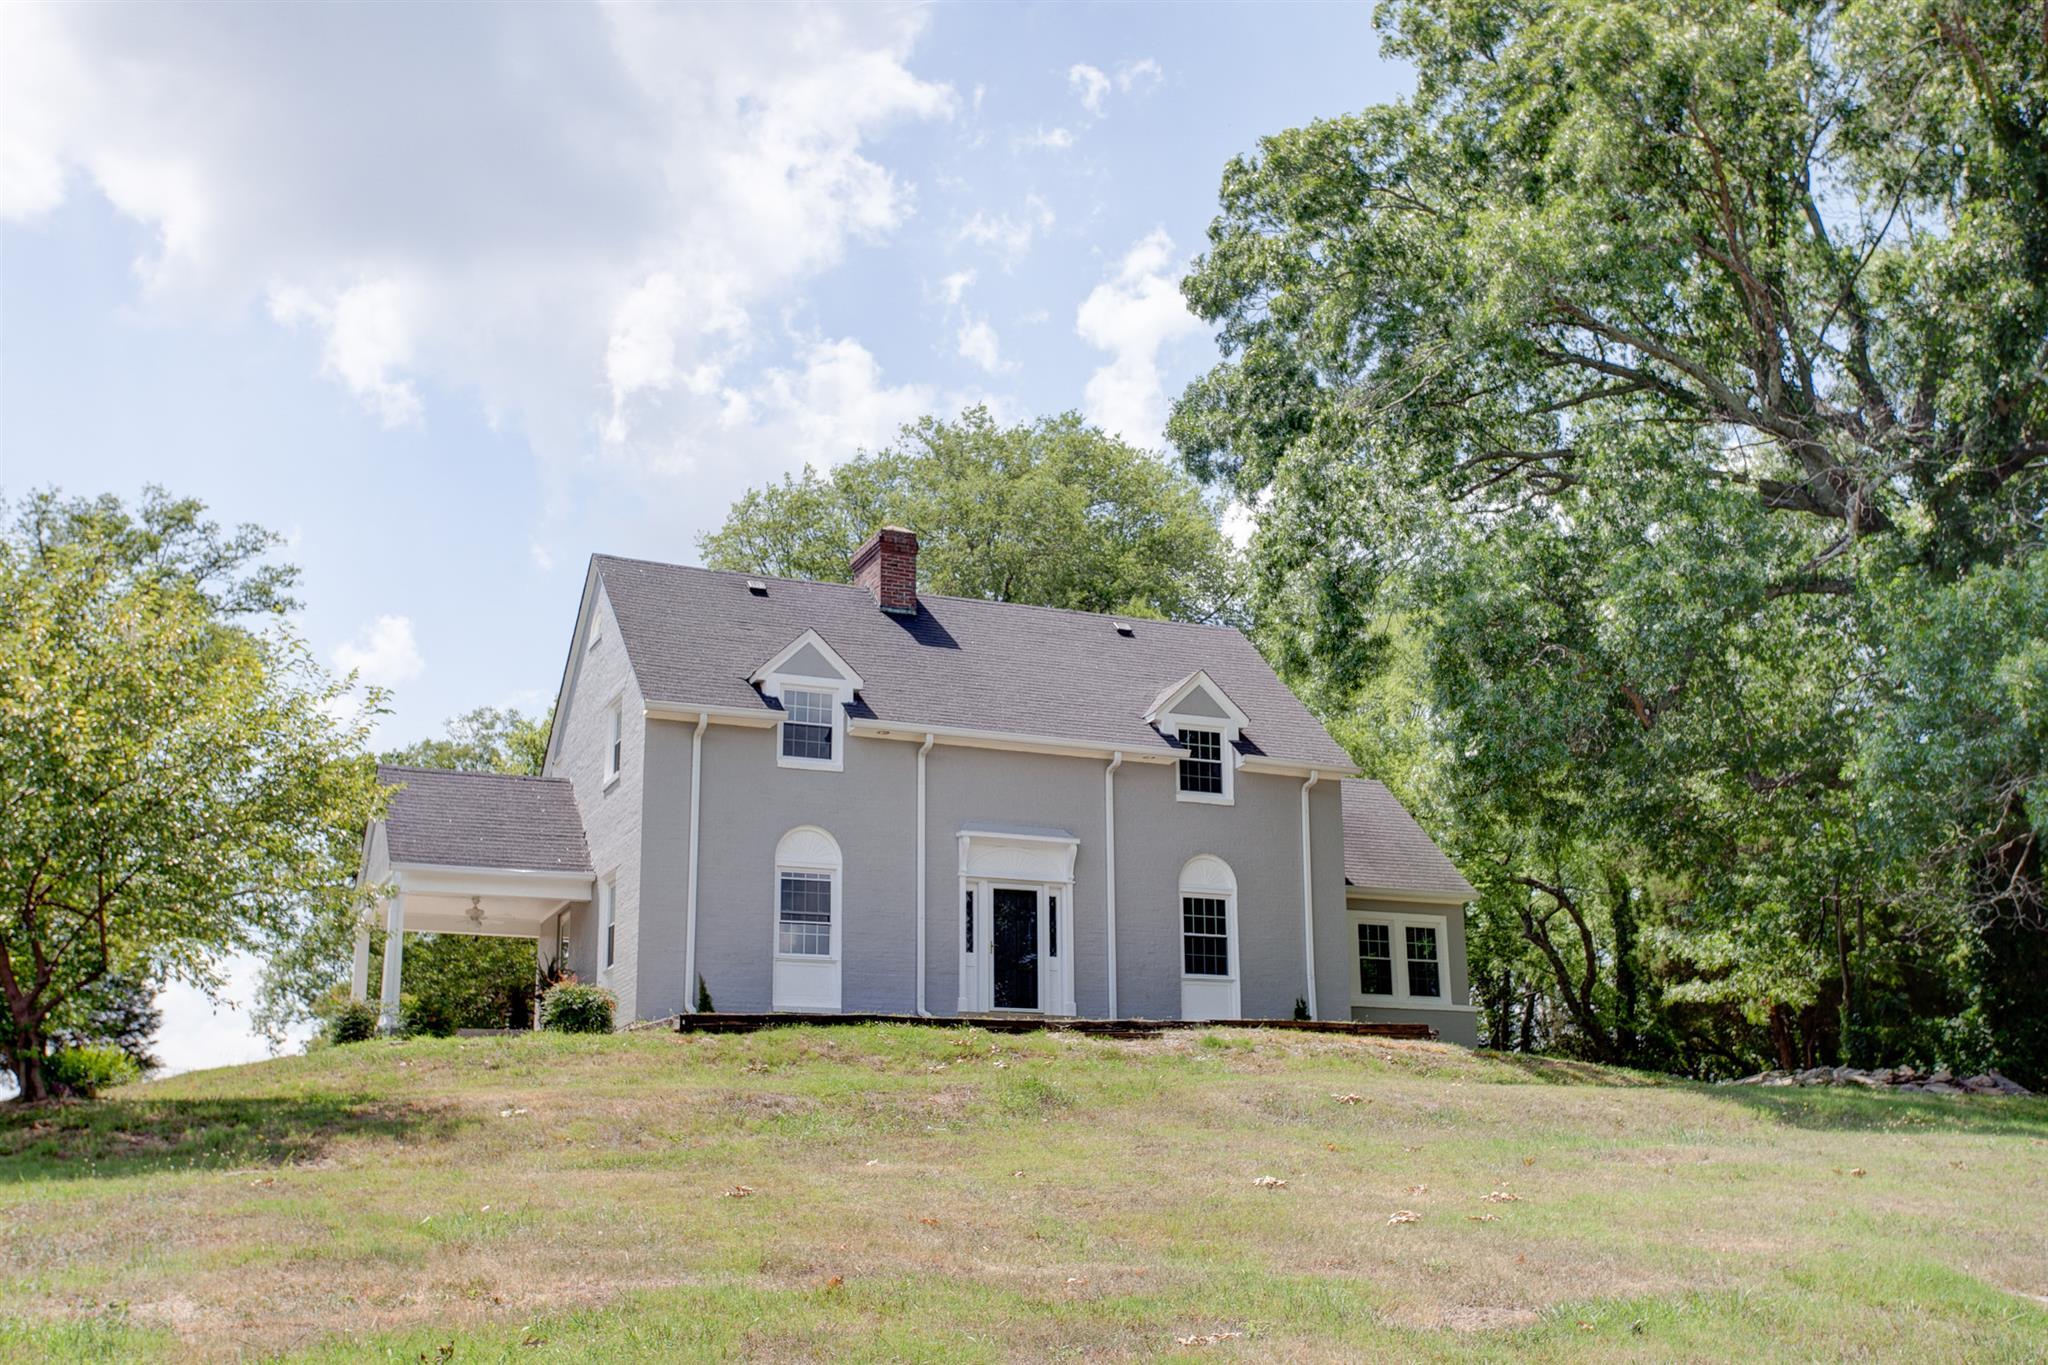 1402 Perkins Ln, Columbia, TN 38401